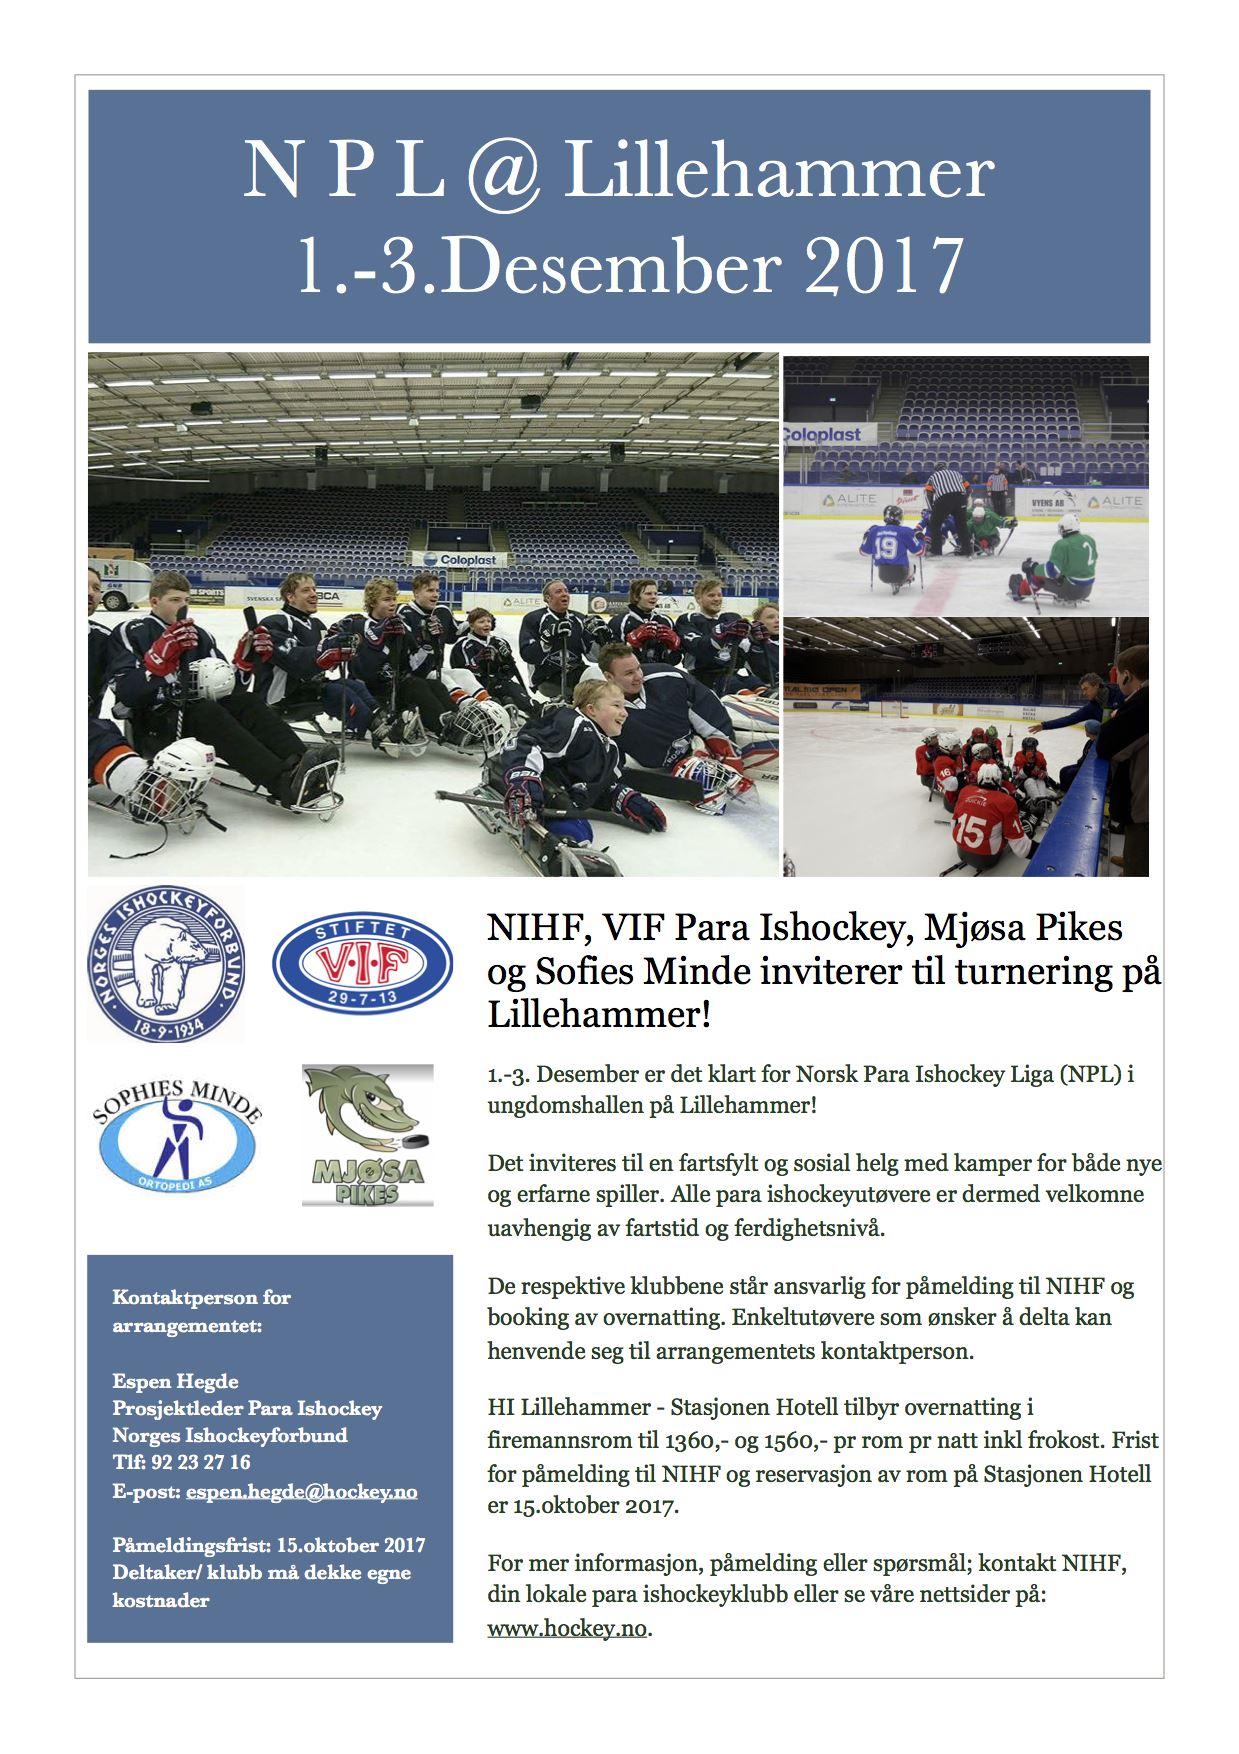 Kjelkehockeyhelg på Lillehammer